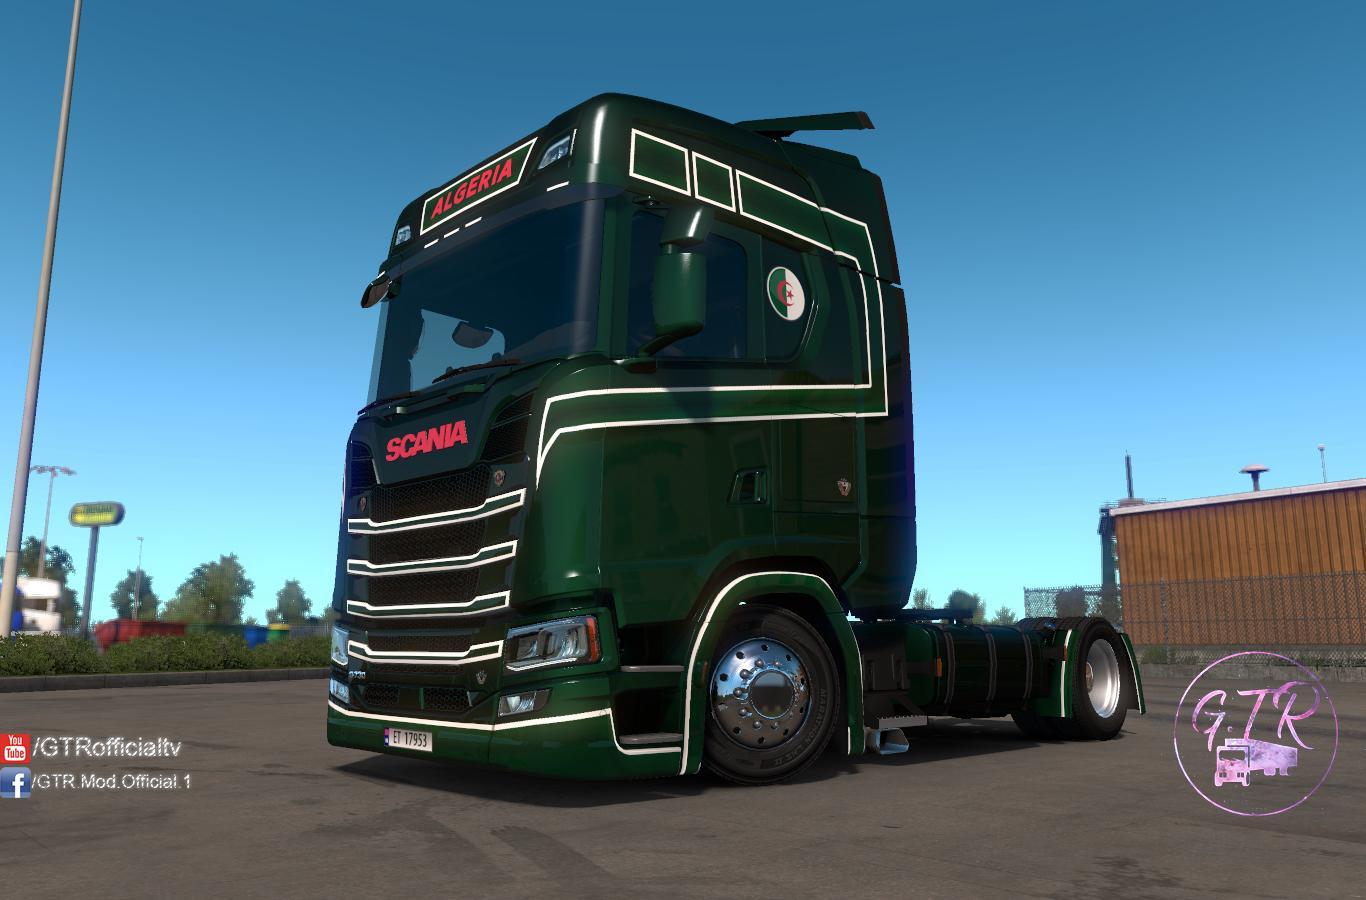 ETS2 - Scania S Duijghuijzen Skin (1 35 X) | Euro Truck